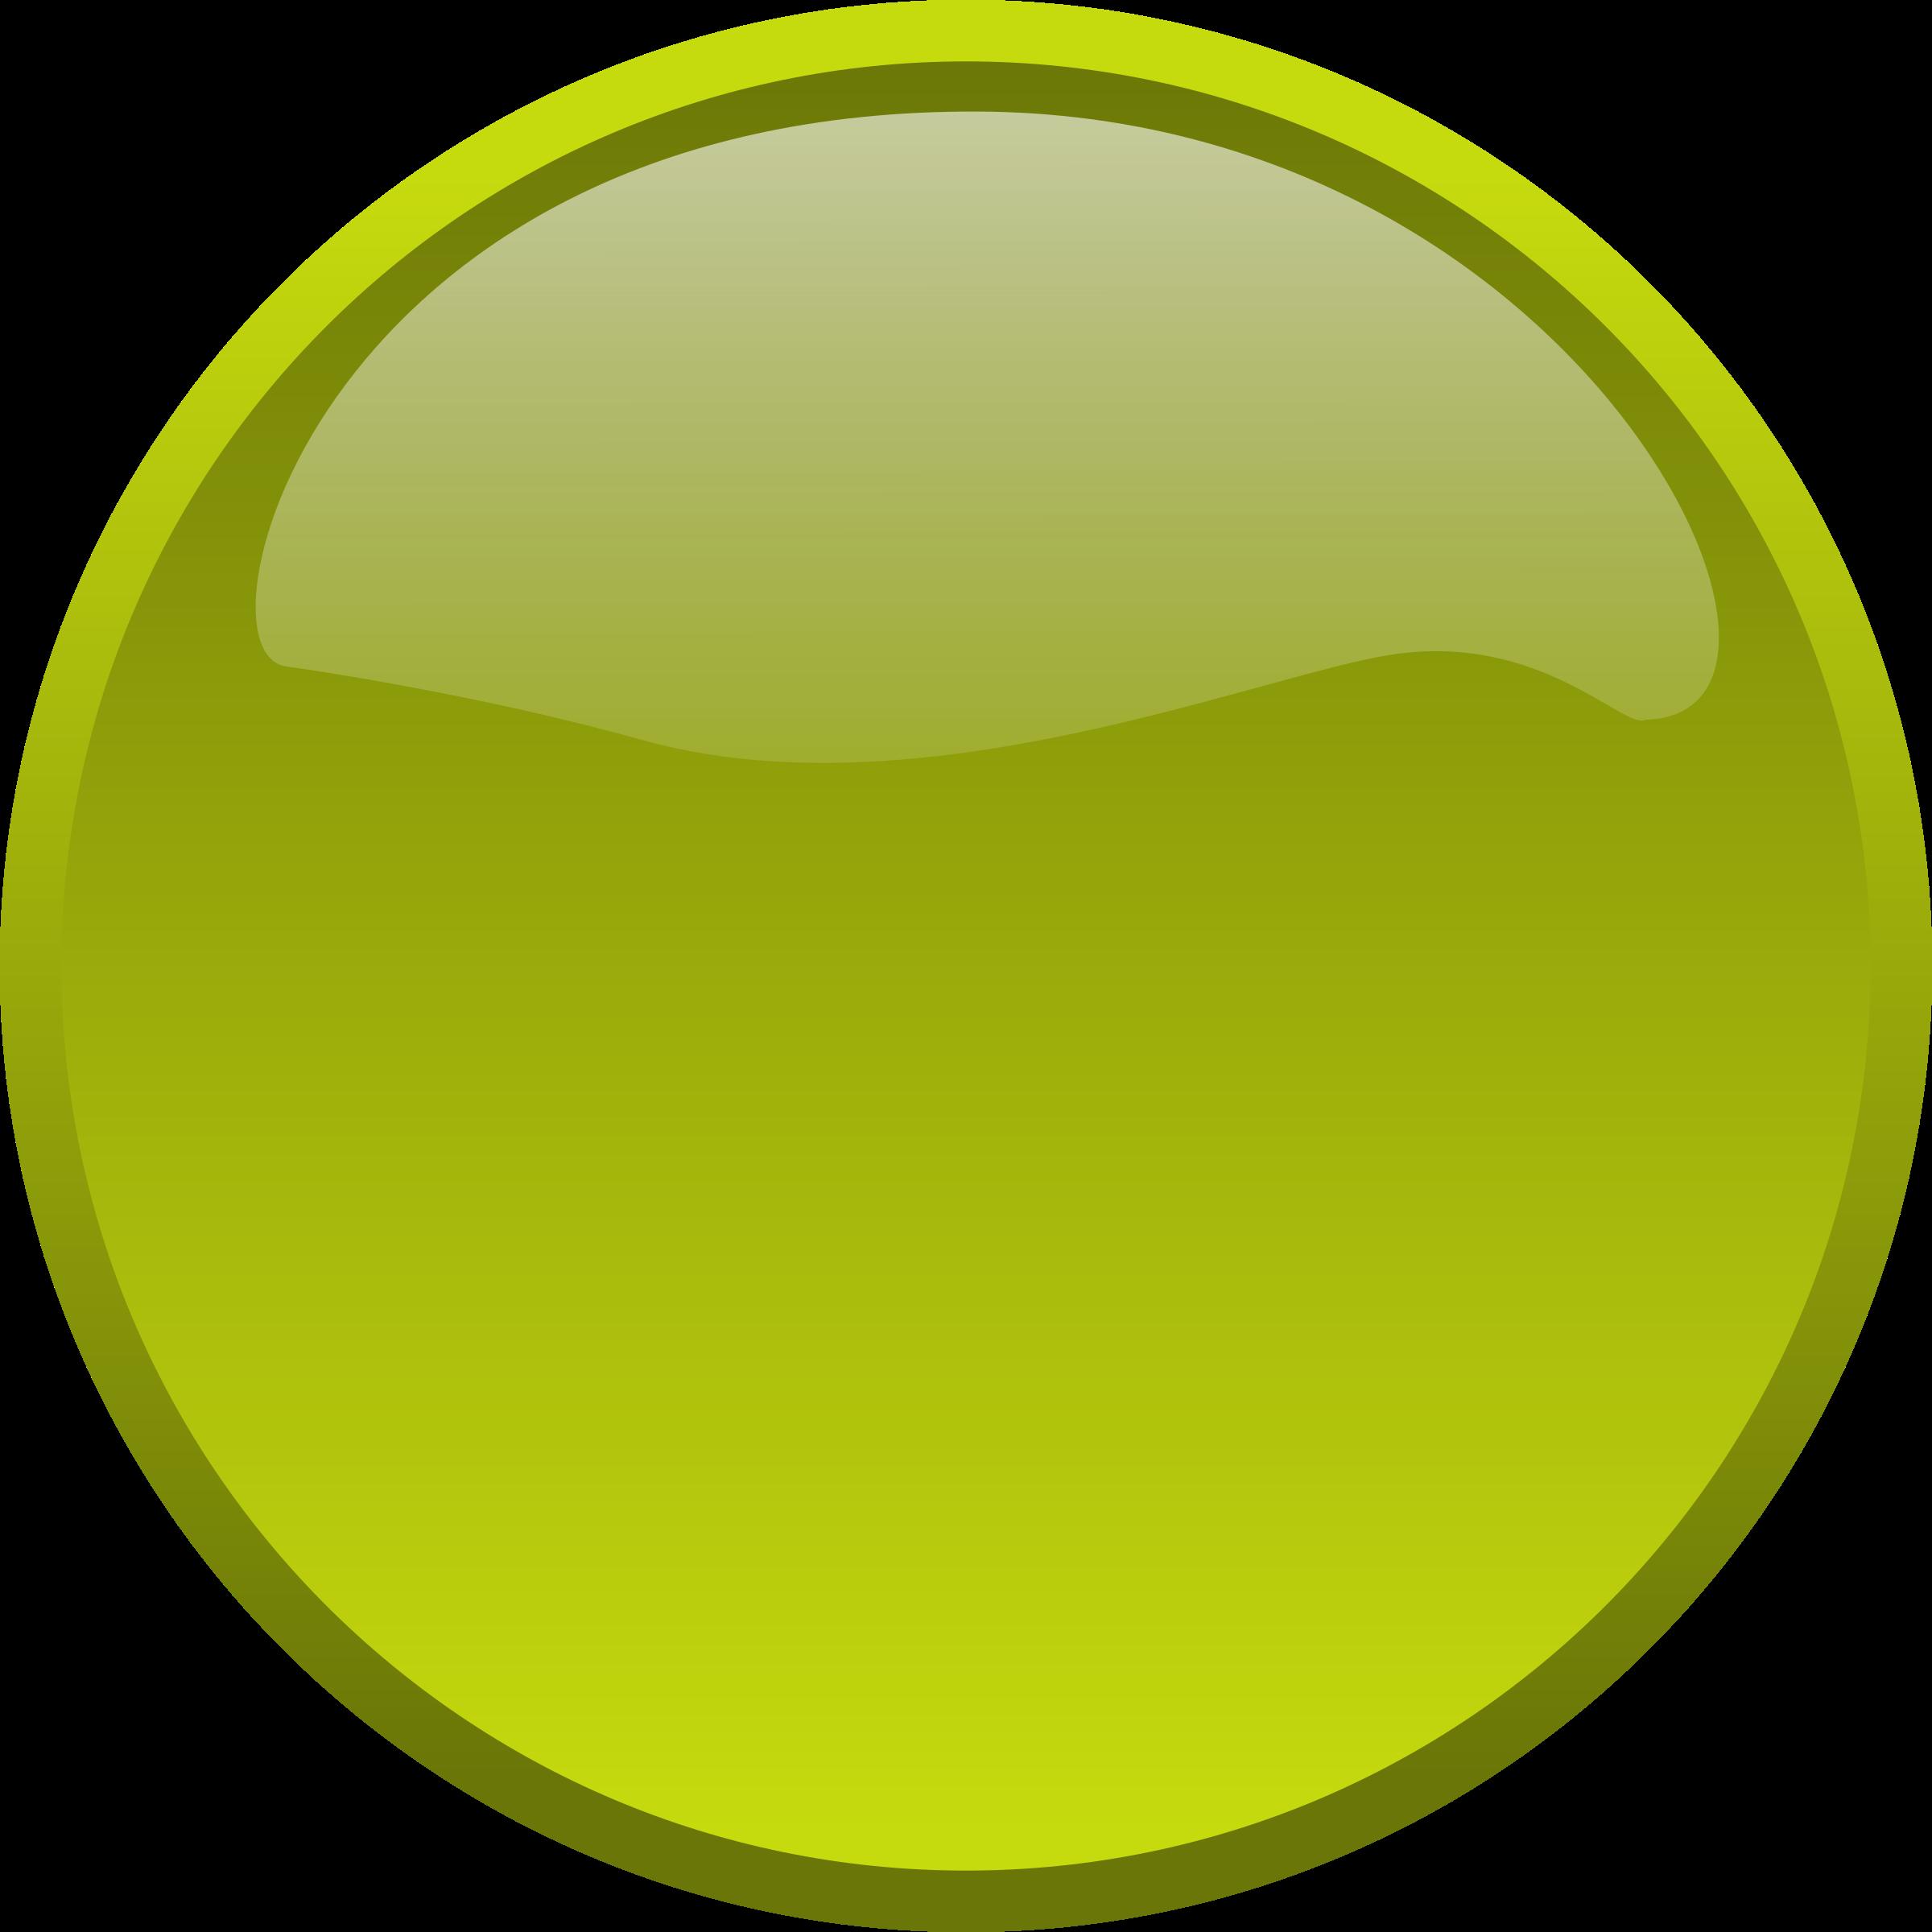 Button clipart yellow Yellow Yellow Button Clipart Button